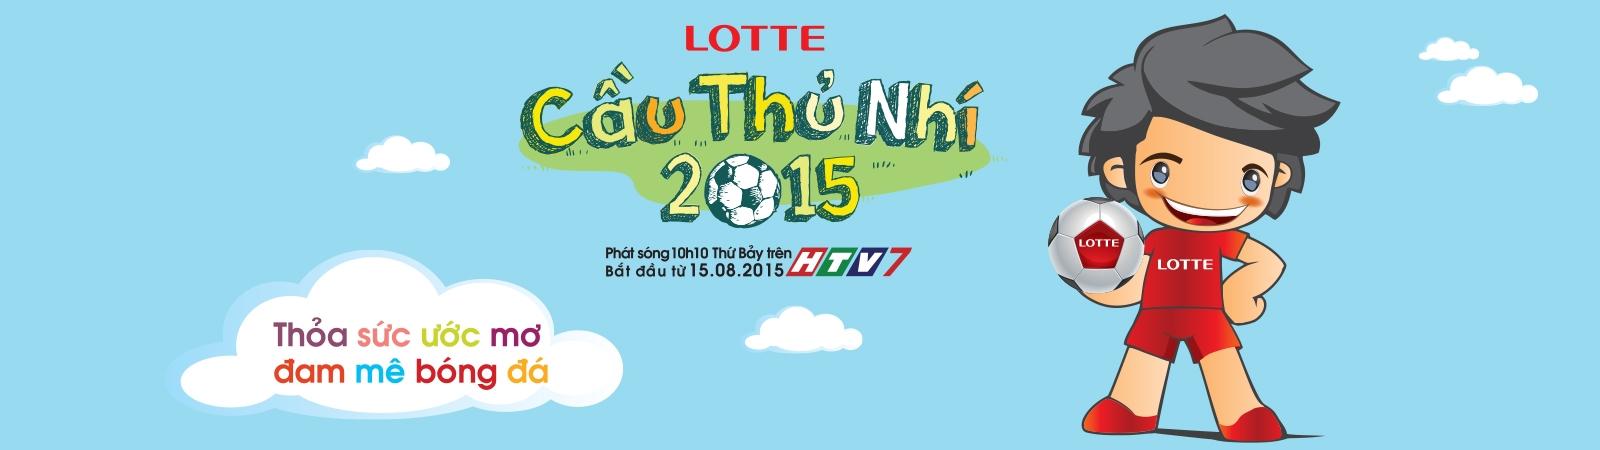 Tập 3 - Cầu Thủ Nhí 2015